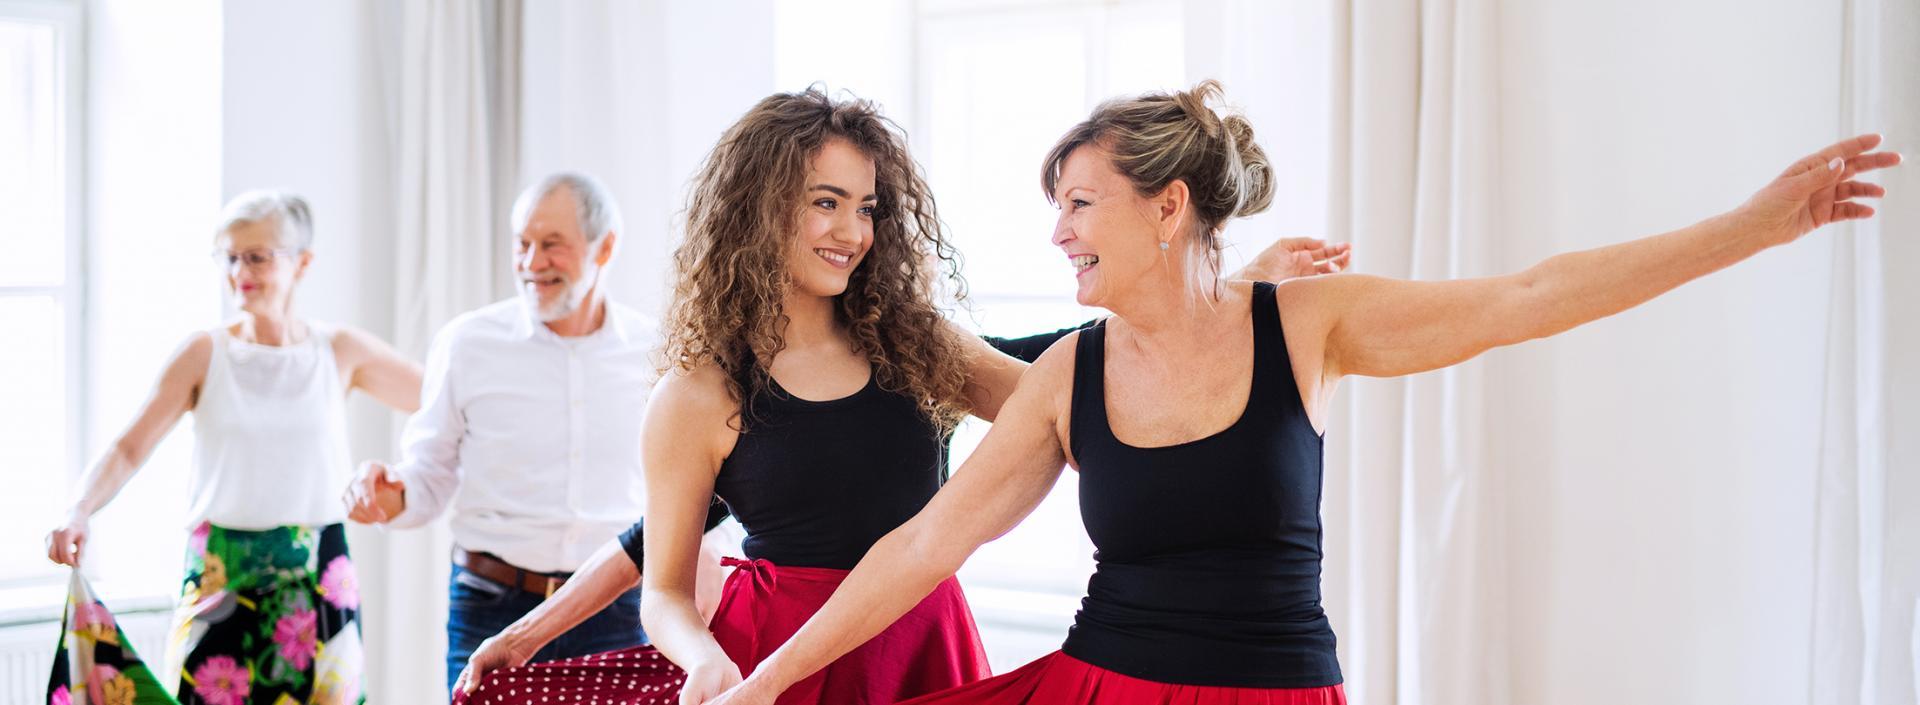 Workshop em Dança Terapia